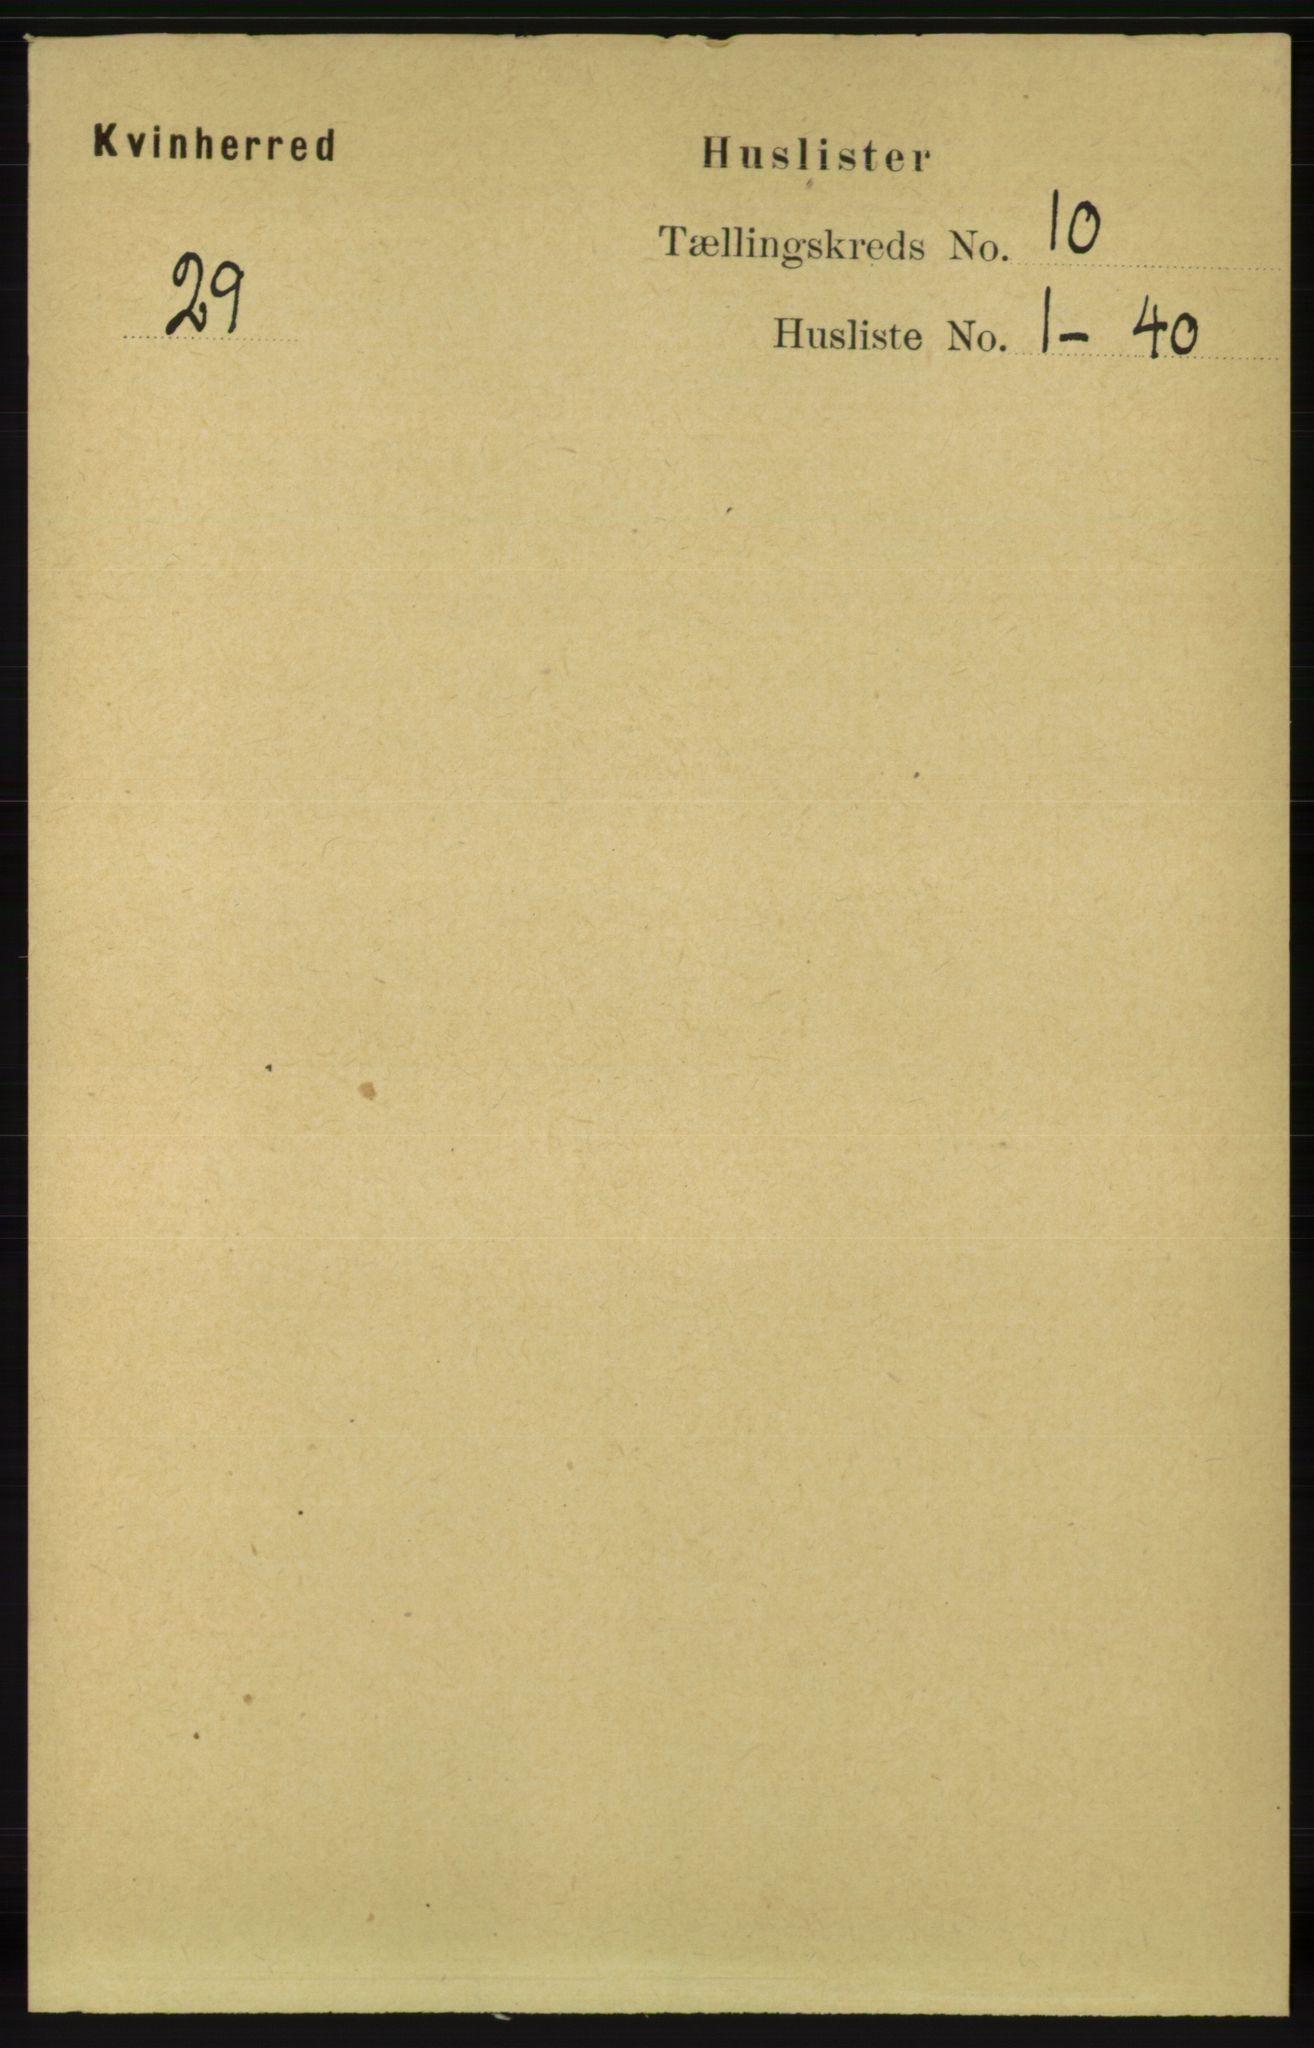 RA, Folketelling 1891 for 1224 Kvinnherad herred, 1891, s. 3520